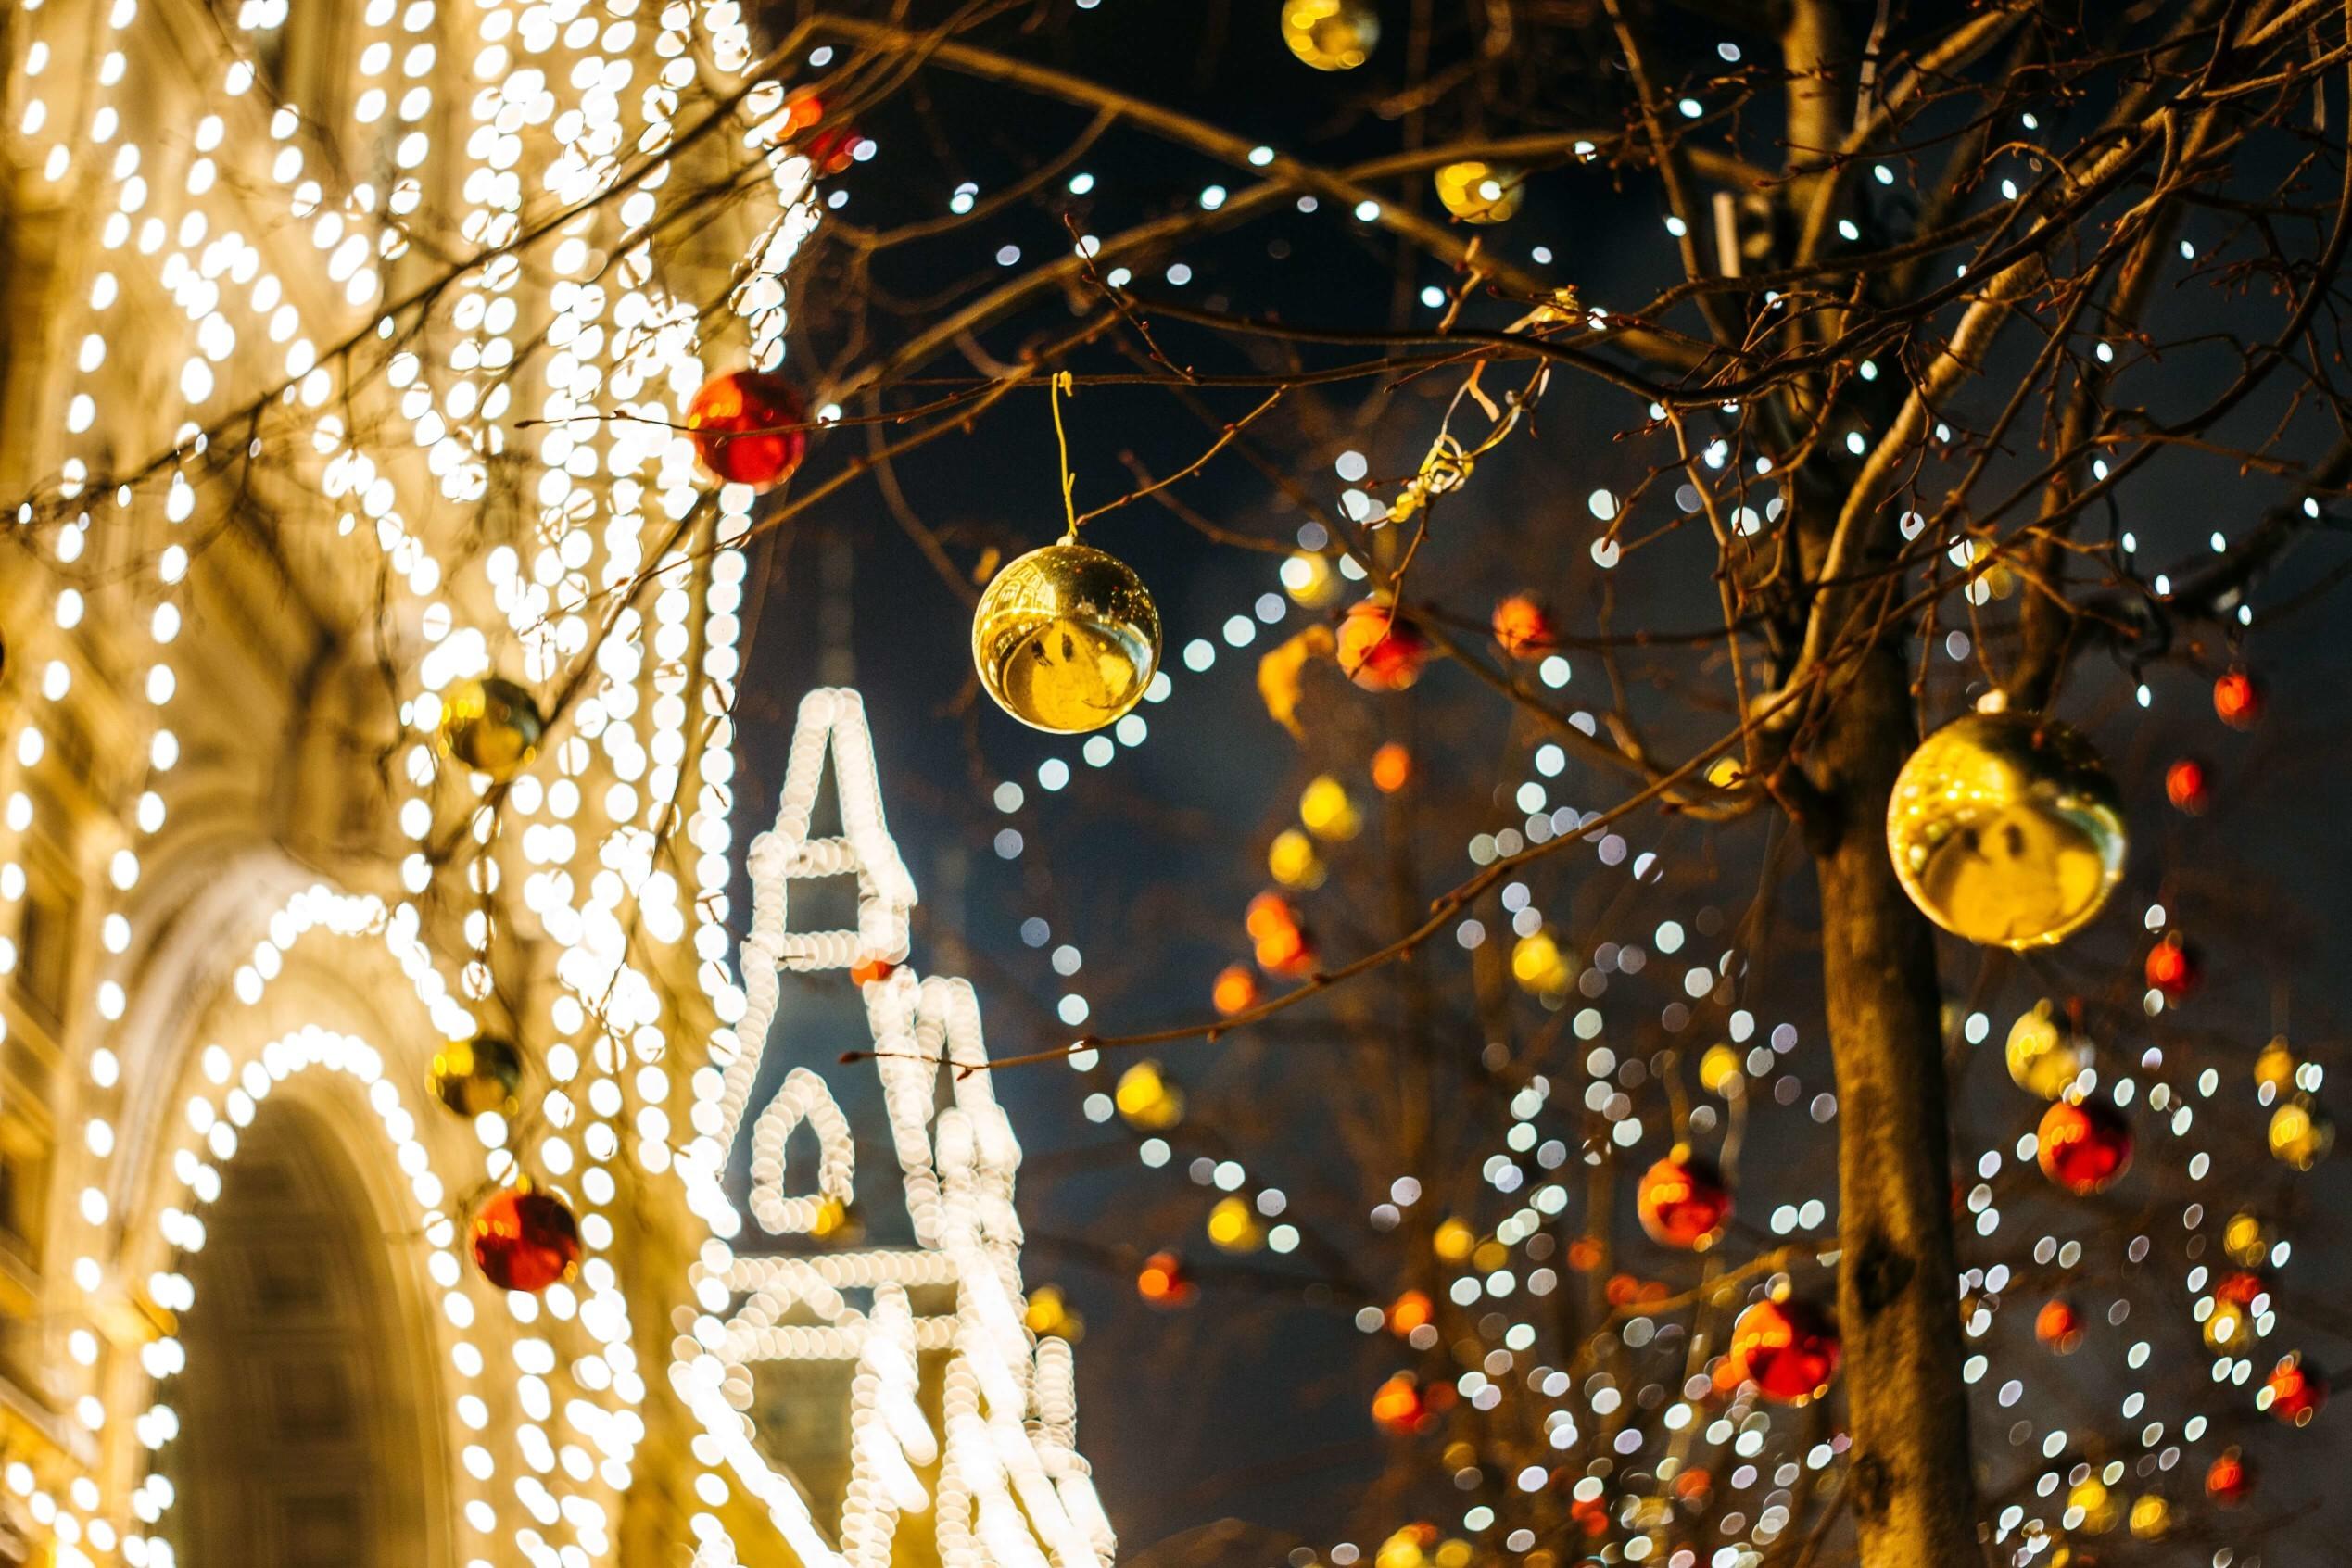 聖誕節禮物推薦台北接睫毛-IA專業美睫設計濃密設計款